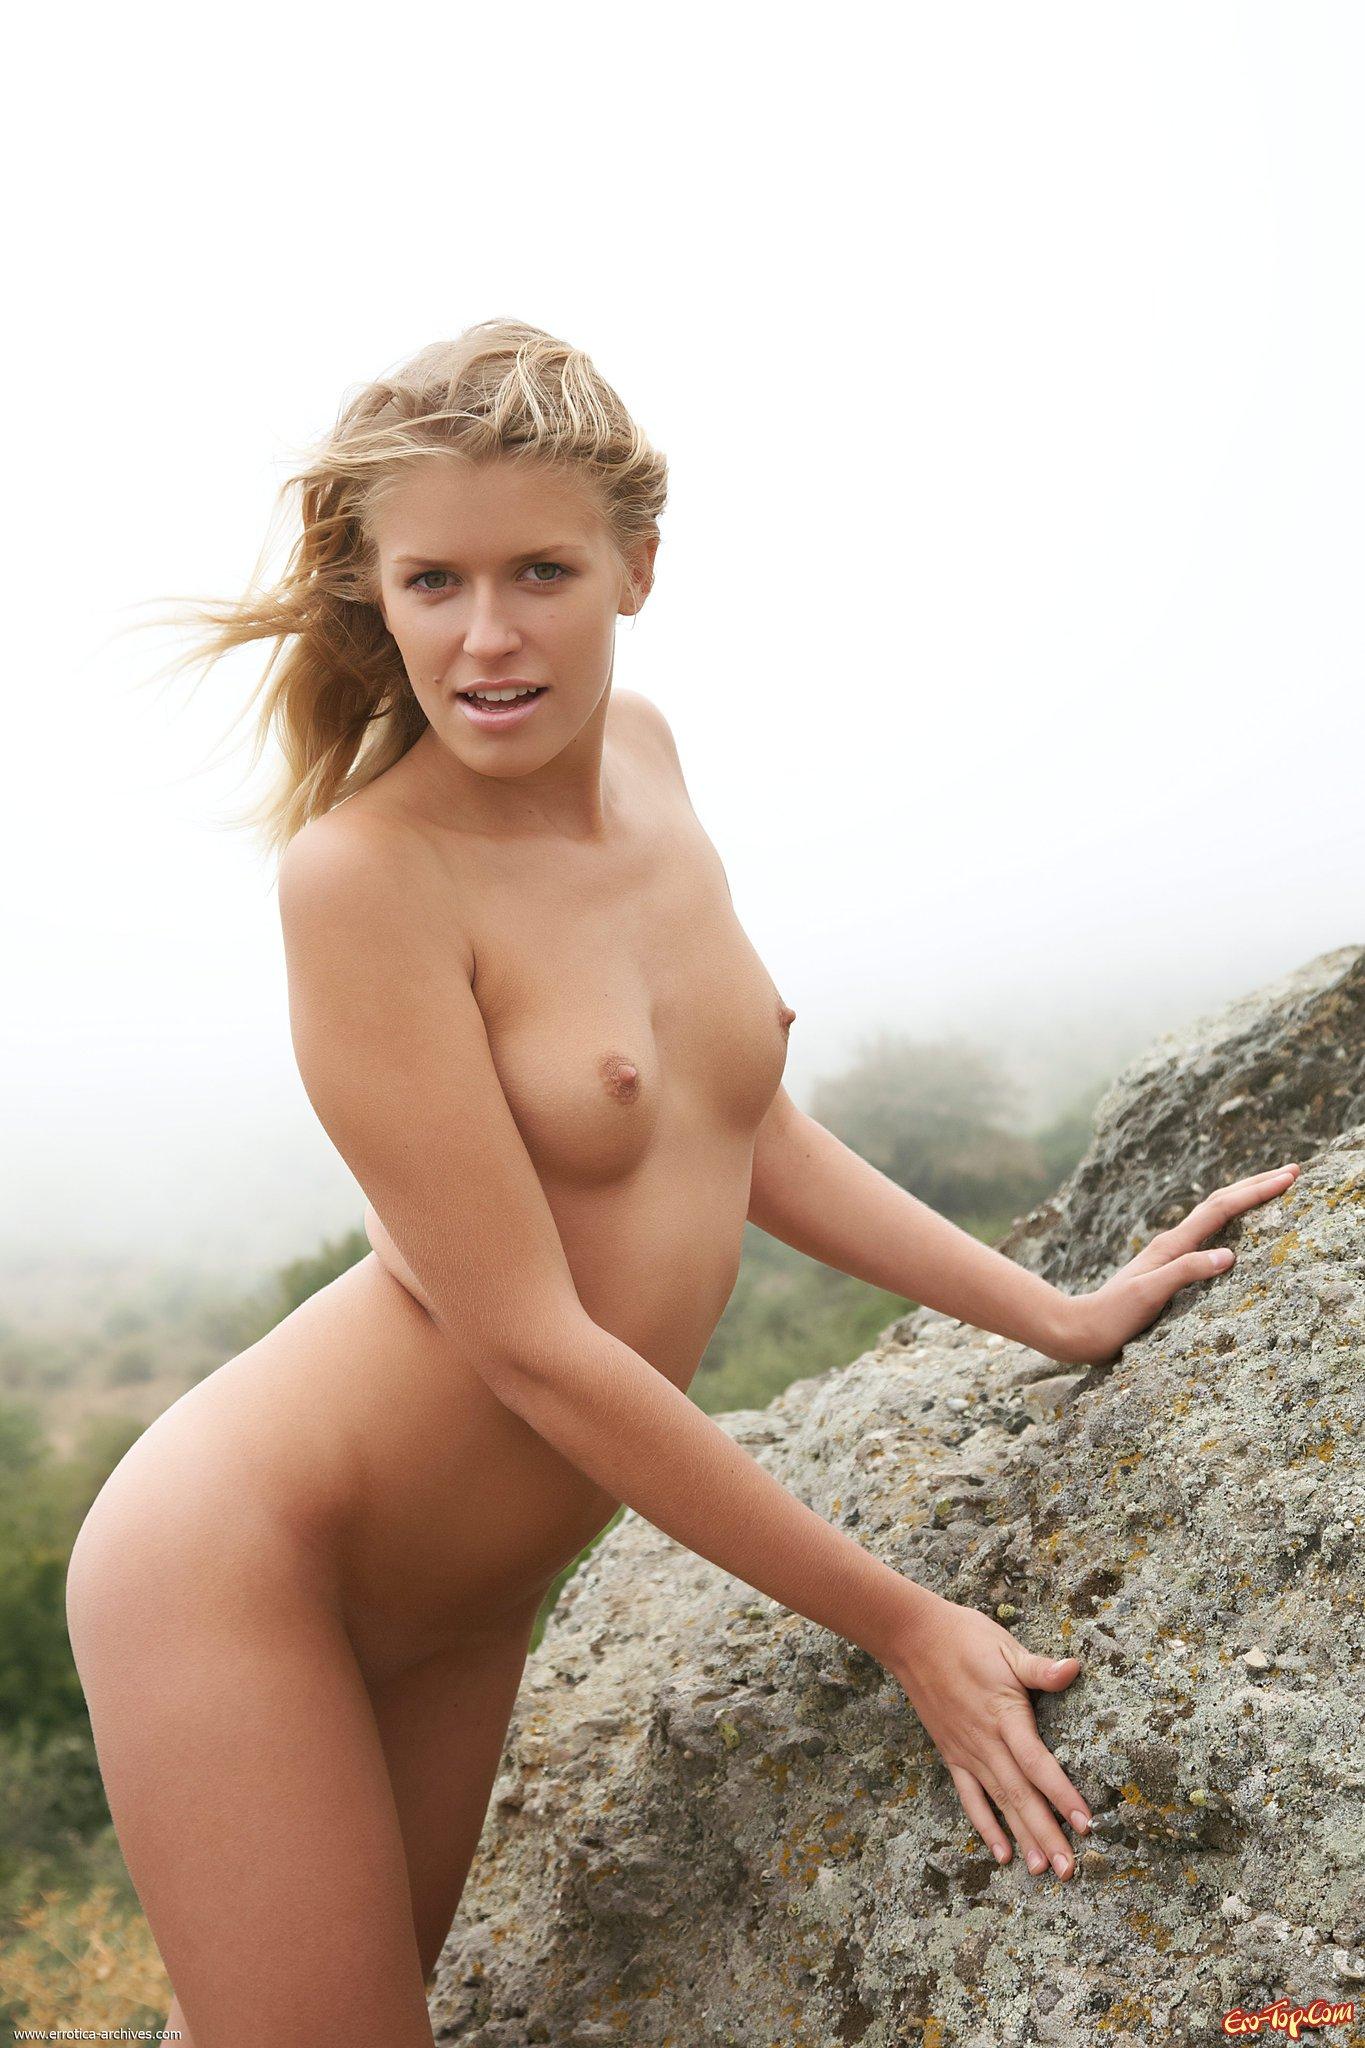 Обнаженная чика в горах